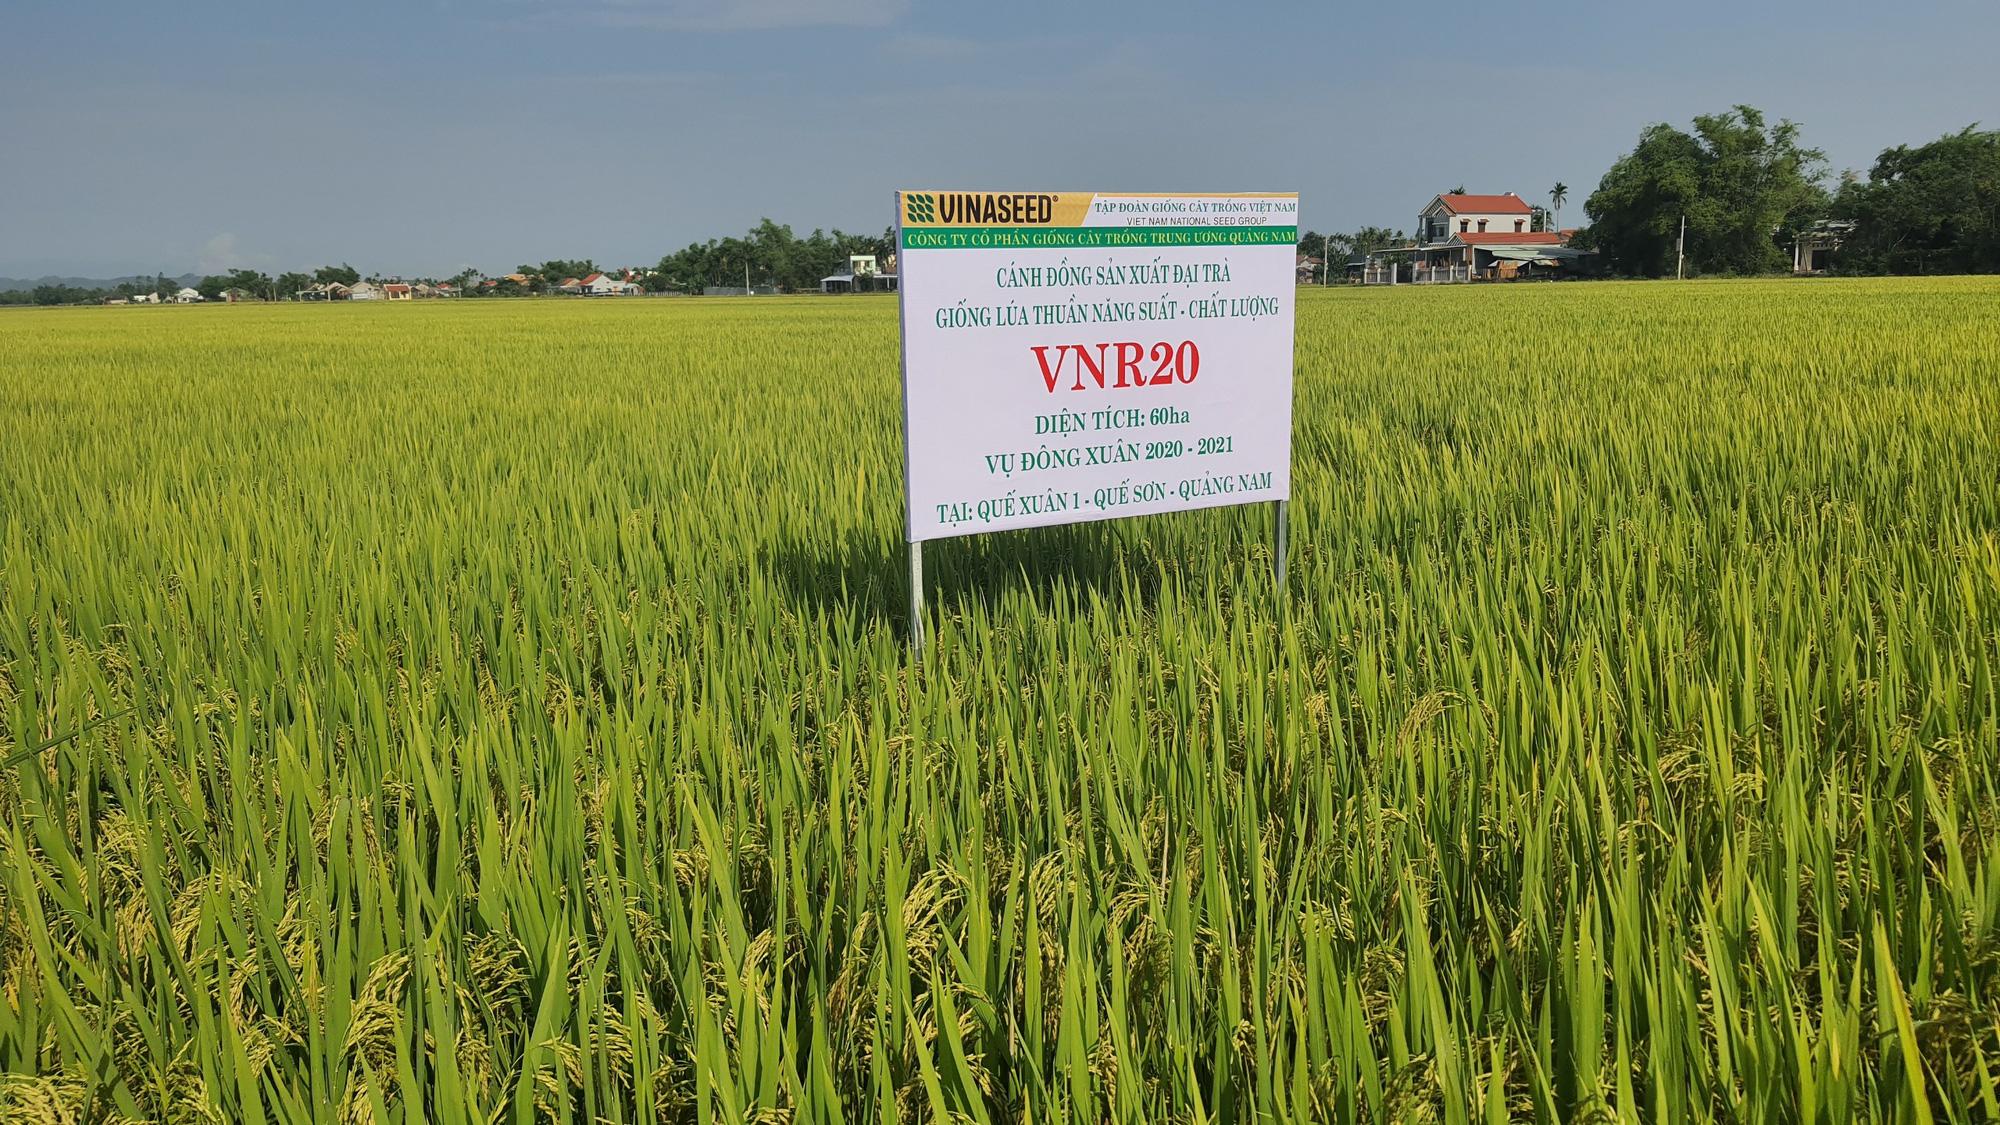 Quảng Nam: Nhiều giống lúa mới triển vọng cho năng suất cao đáp ứng được kỳ vọng của nông dân - Ảnh 6.